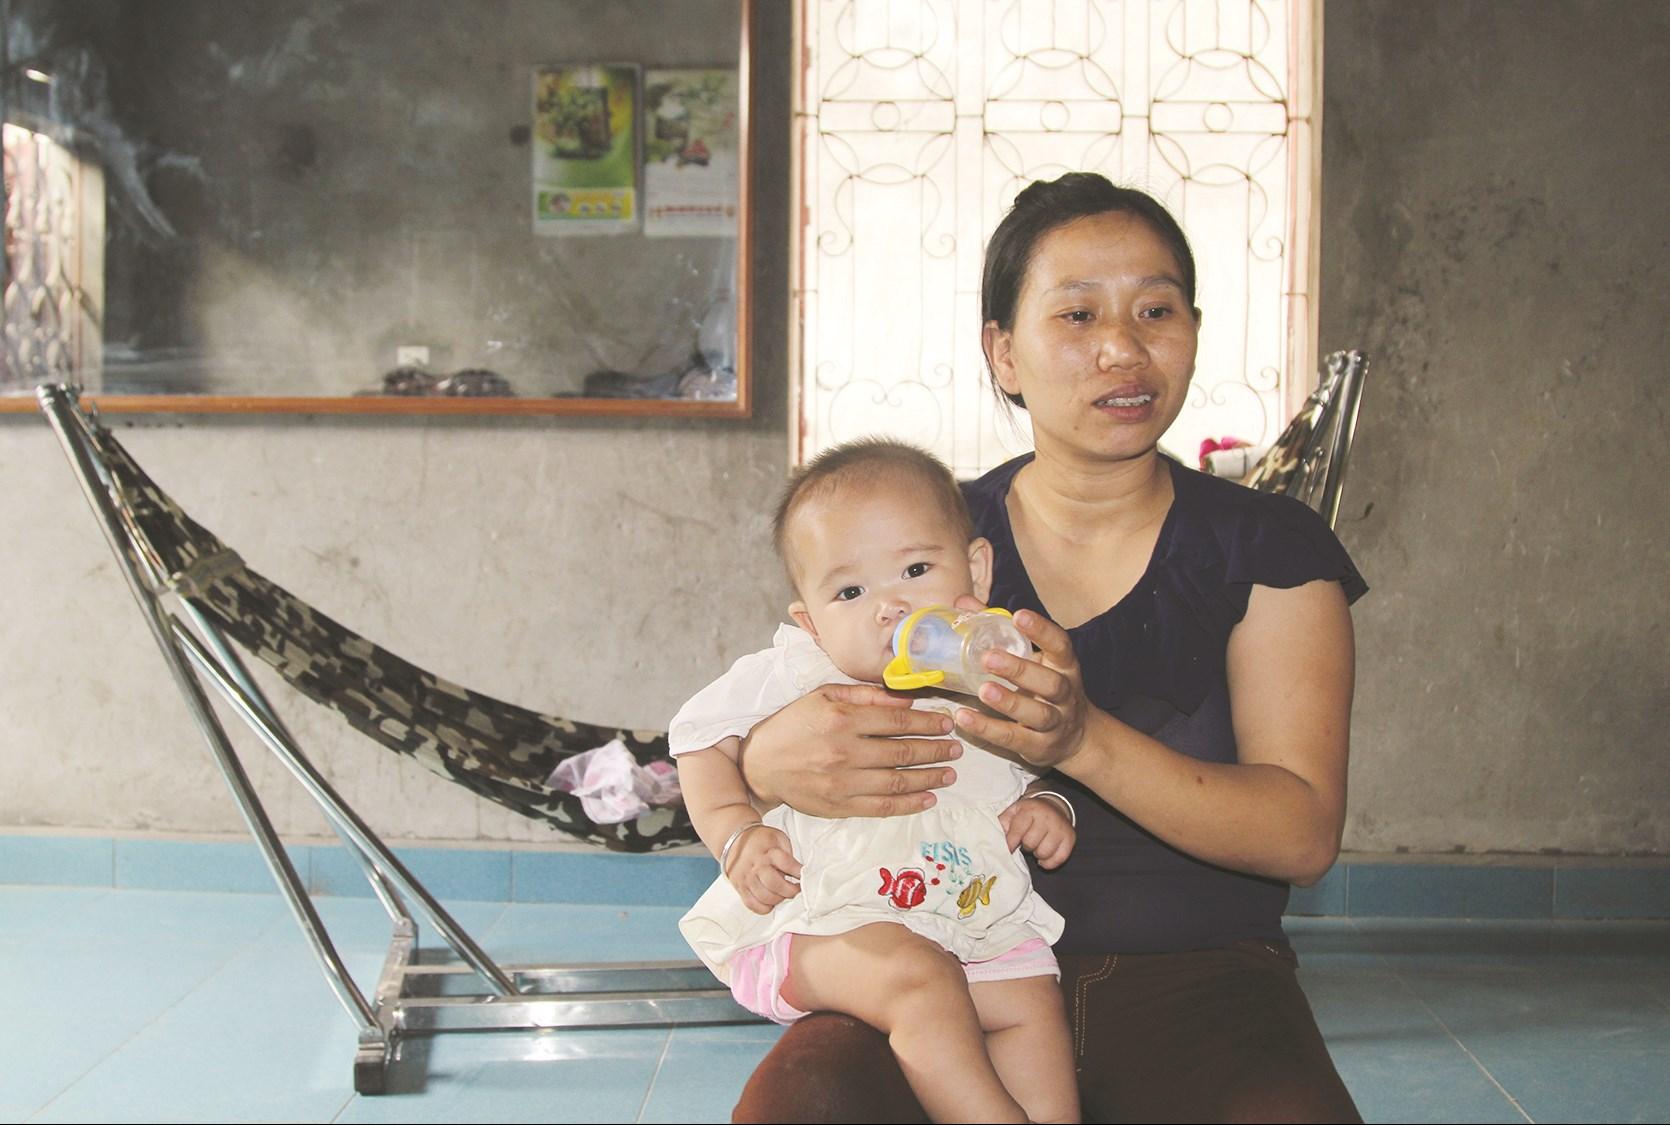 Chính quyền tỉnh Vĩnh Phúc nỗ lực bảo đảm chăm sóc trẻ em ở miền núi